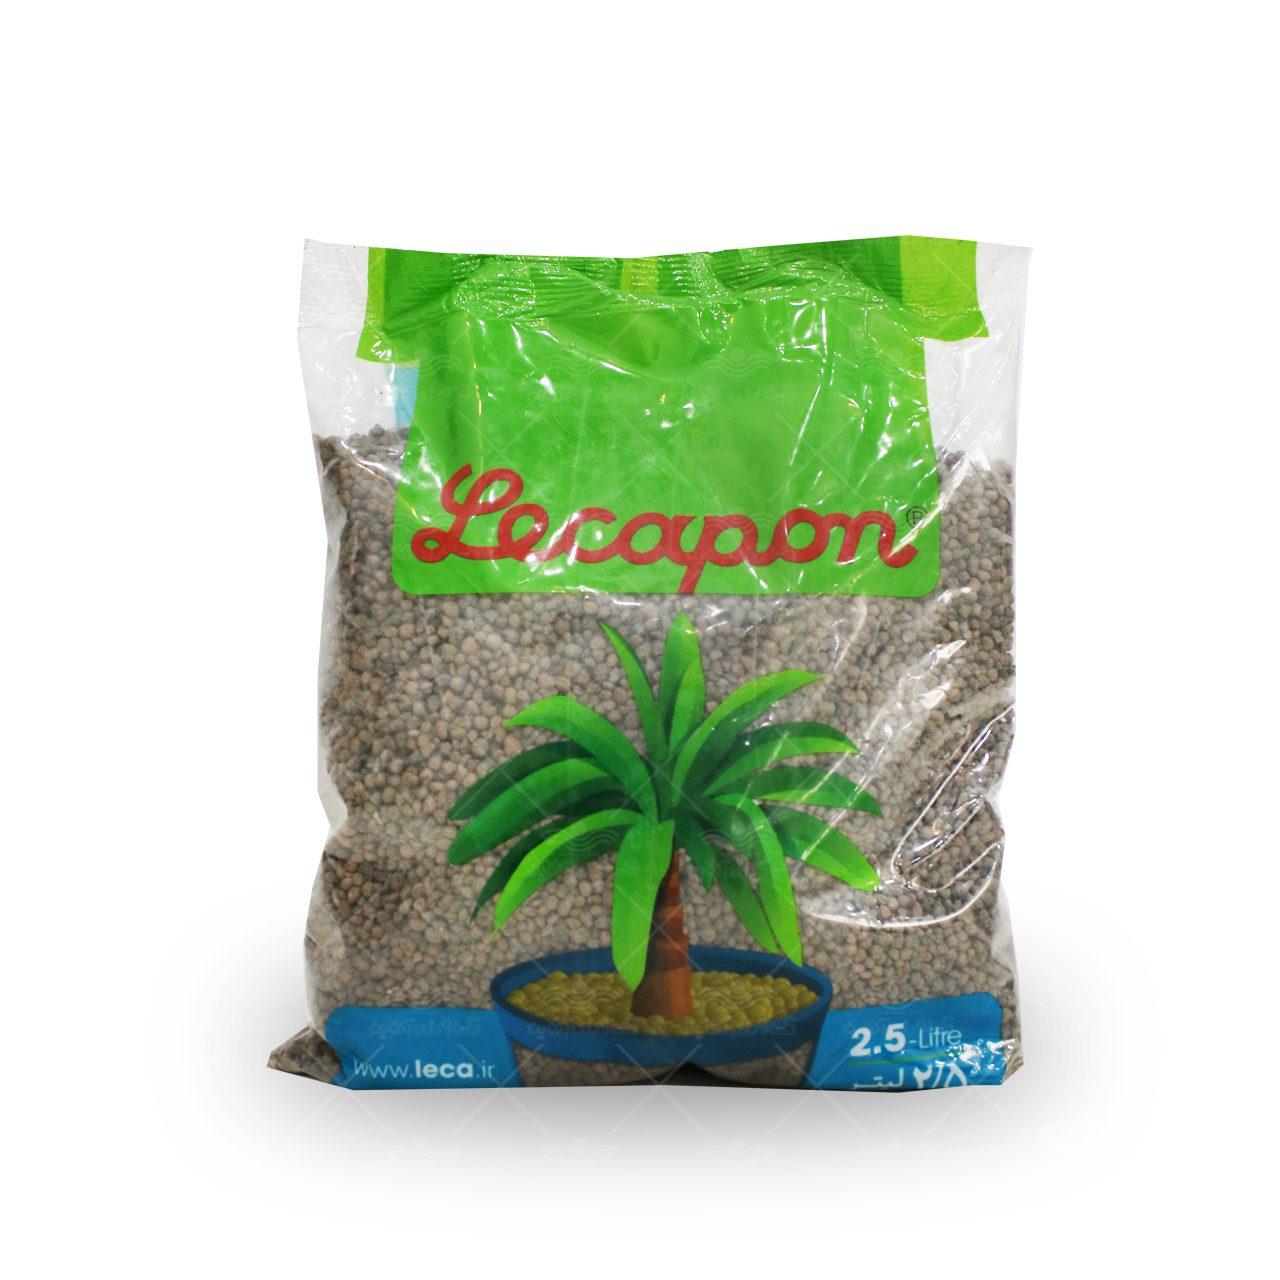 خاک لیکاپون دو و نیم لیتری خانگی سبزینه